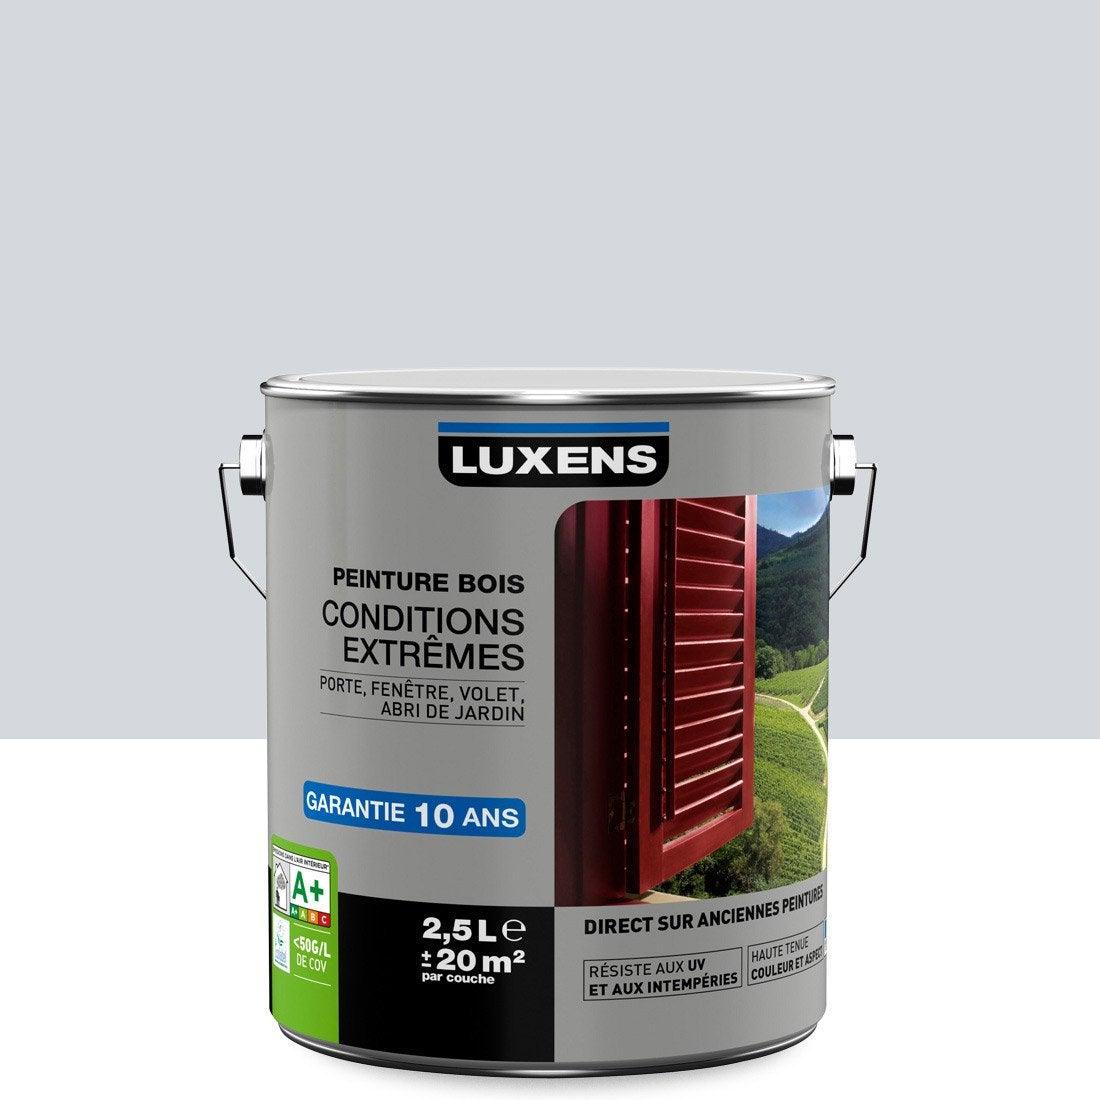 Couleur Peinture Volet Bois peinture bois extérieur conditions extrêmes luxens, gris lumière, 2.5 l